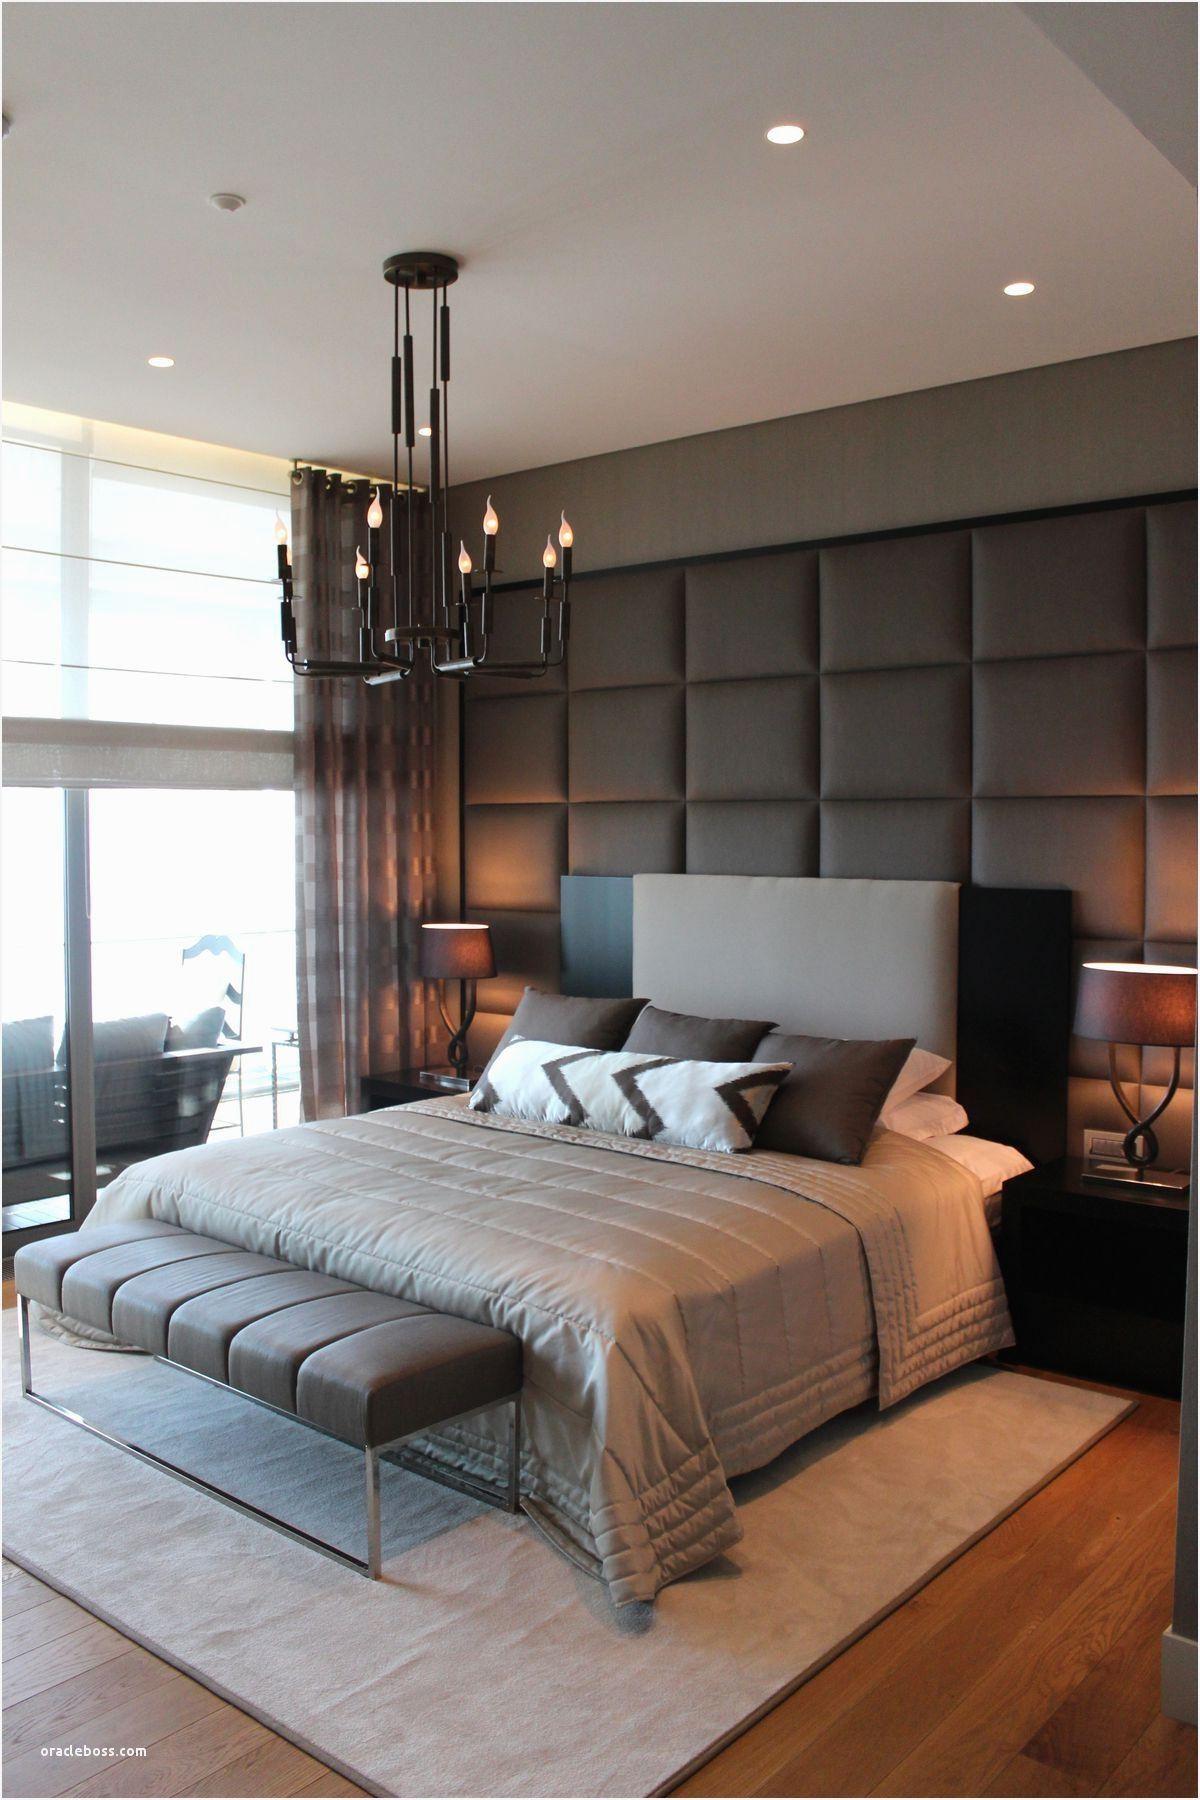 Epic Bedroom Designs June, 2018 bedroomdesign in 2019